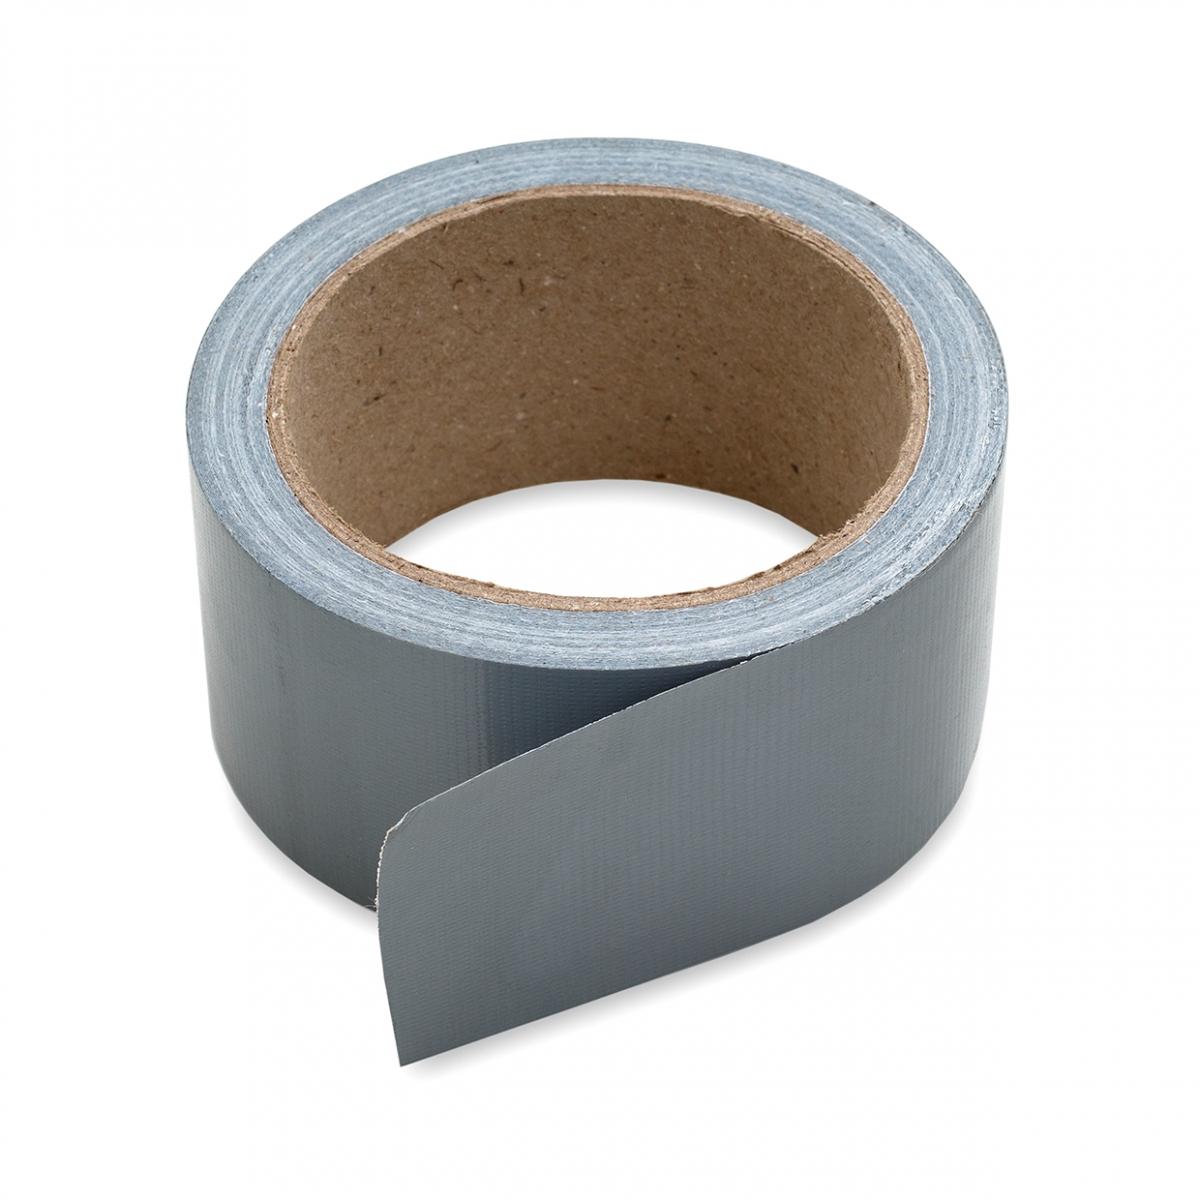 Imagen en la que se ve un rollo de cinta americana